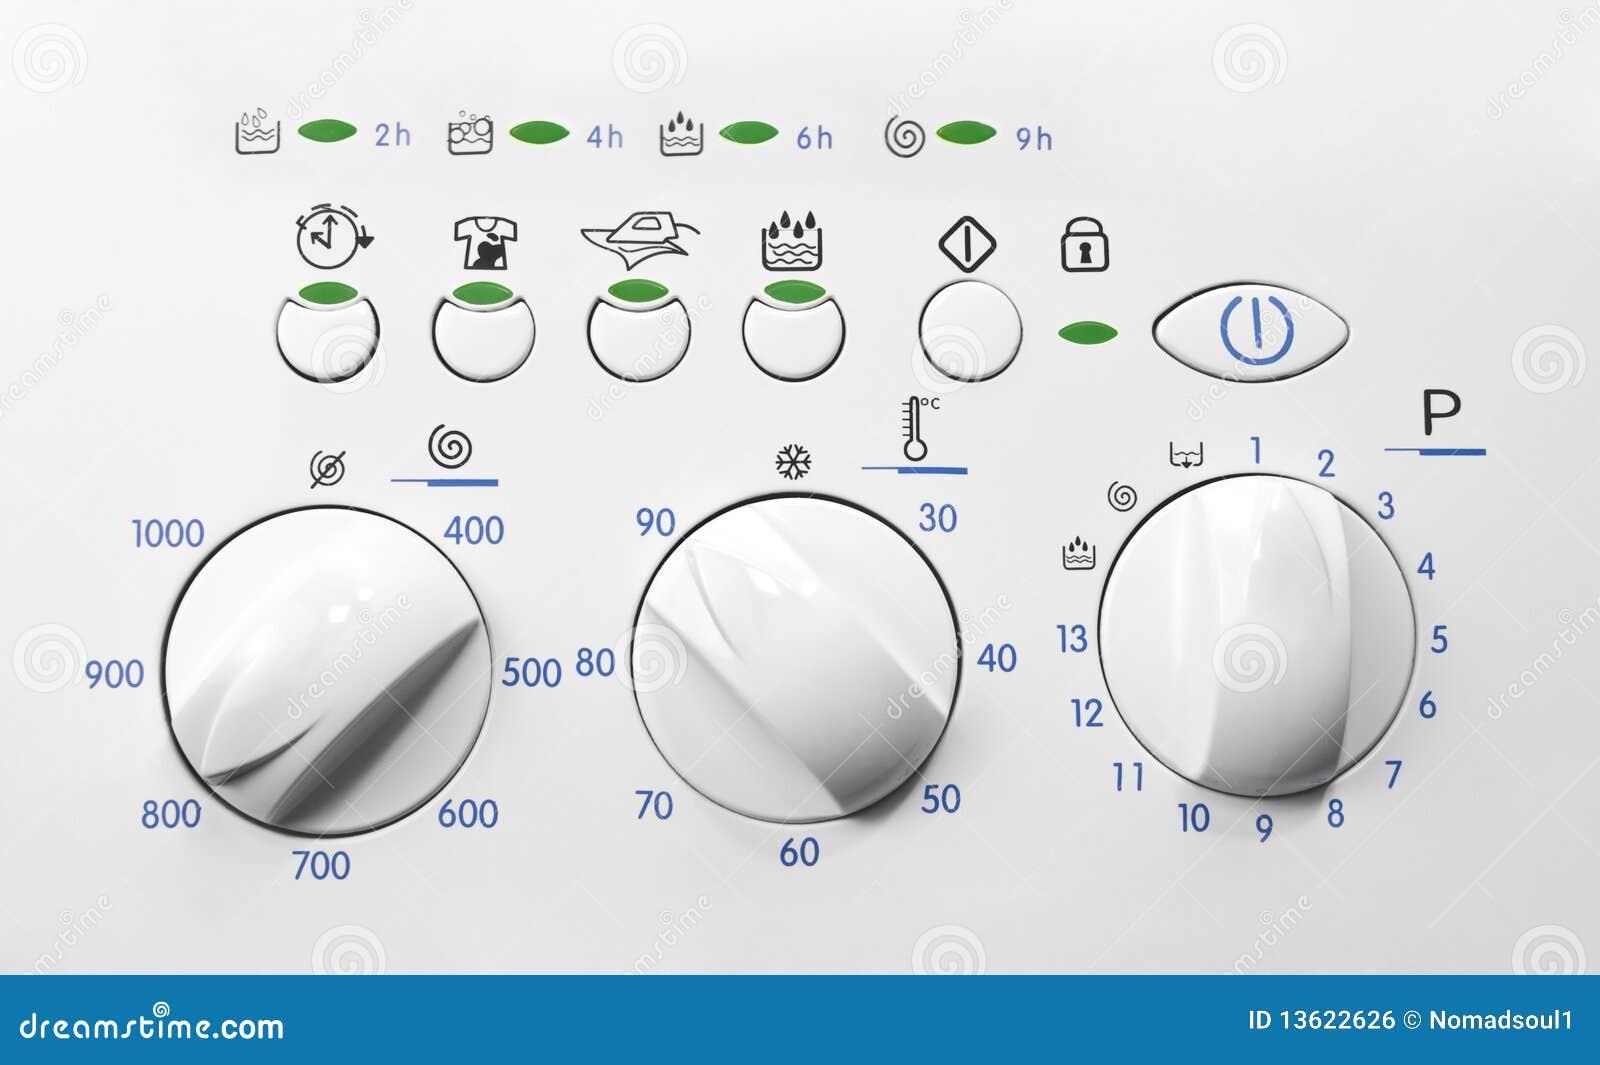 ранних картинка панель управления для стиральной машины моя воля